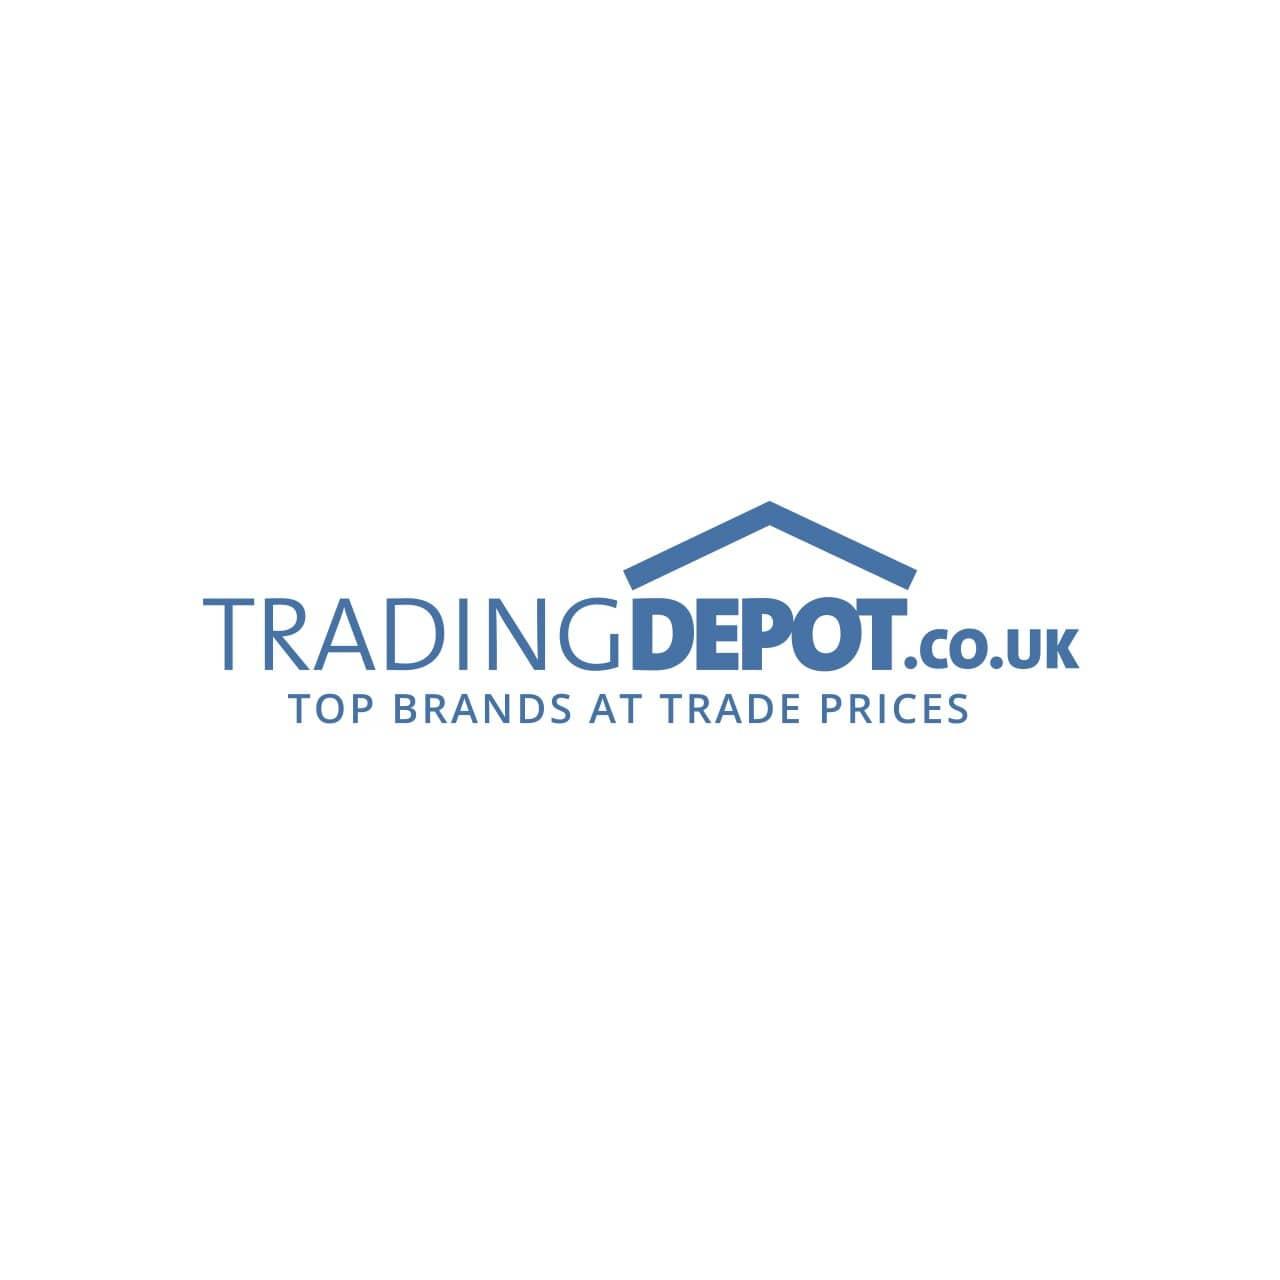 Velux Integra Electric Roof Window - Triple Glazed with Anti-Dew & Easy to Clean Glazing – White Polyurethane 134 x 98cm - GGU UK04 006621U